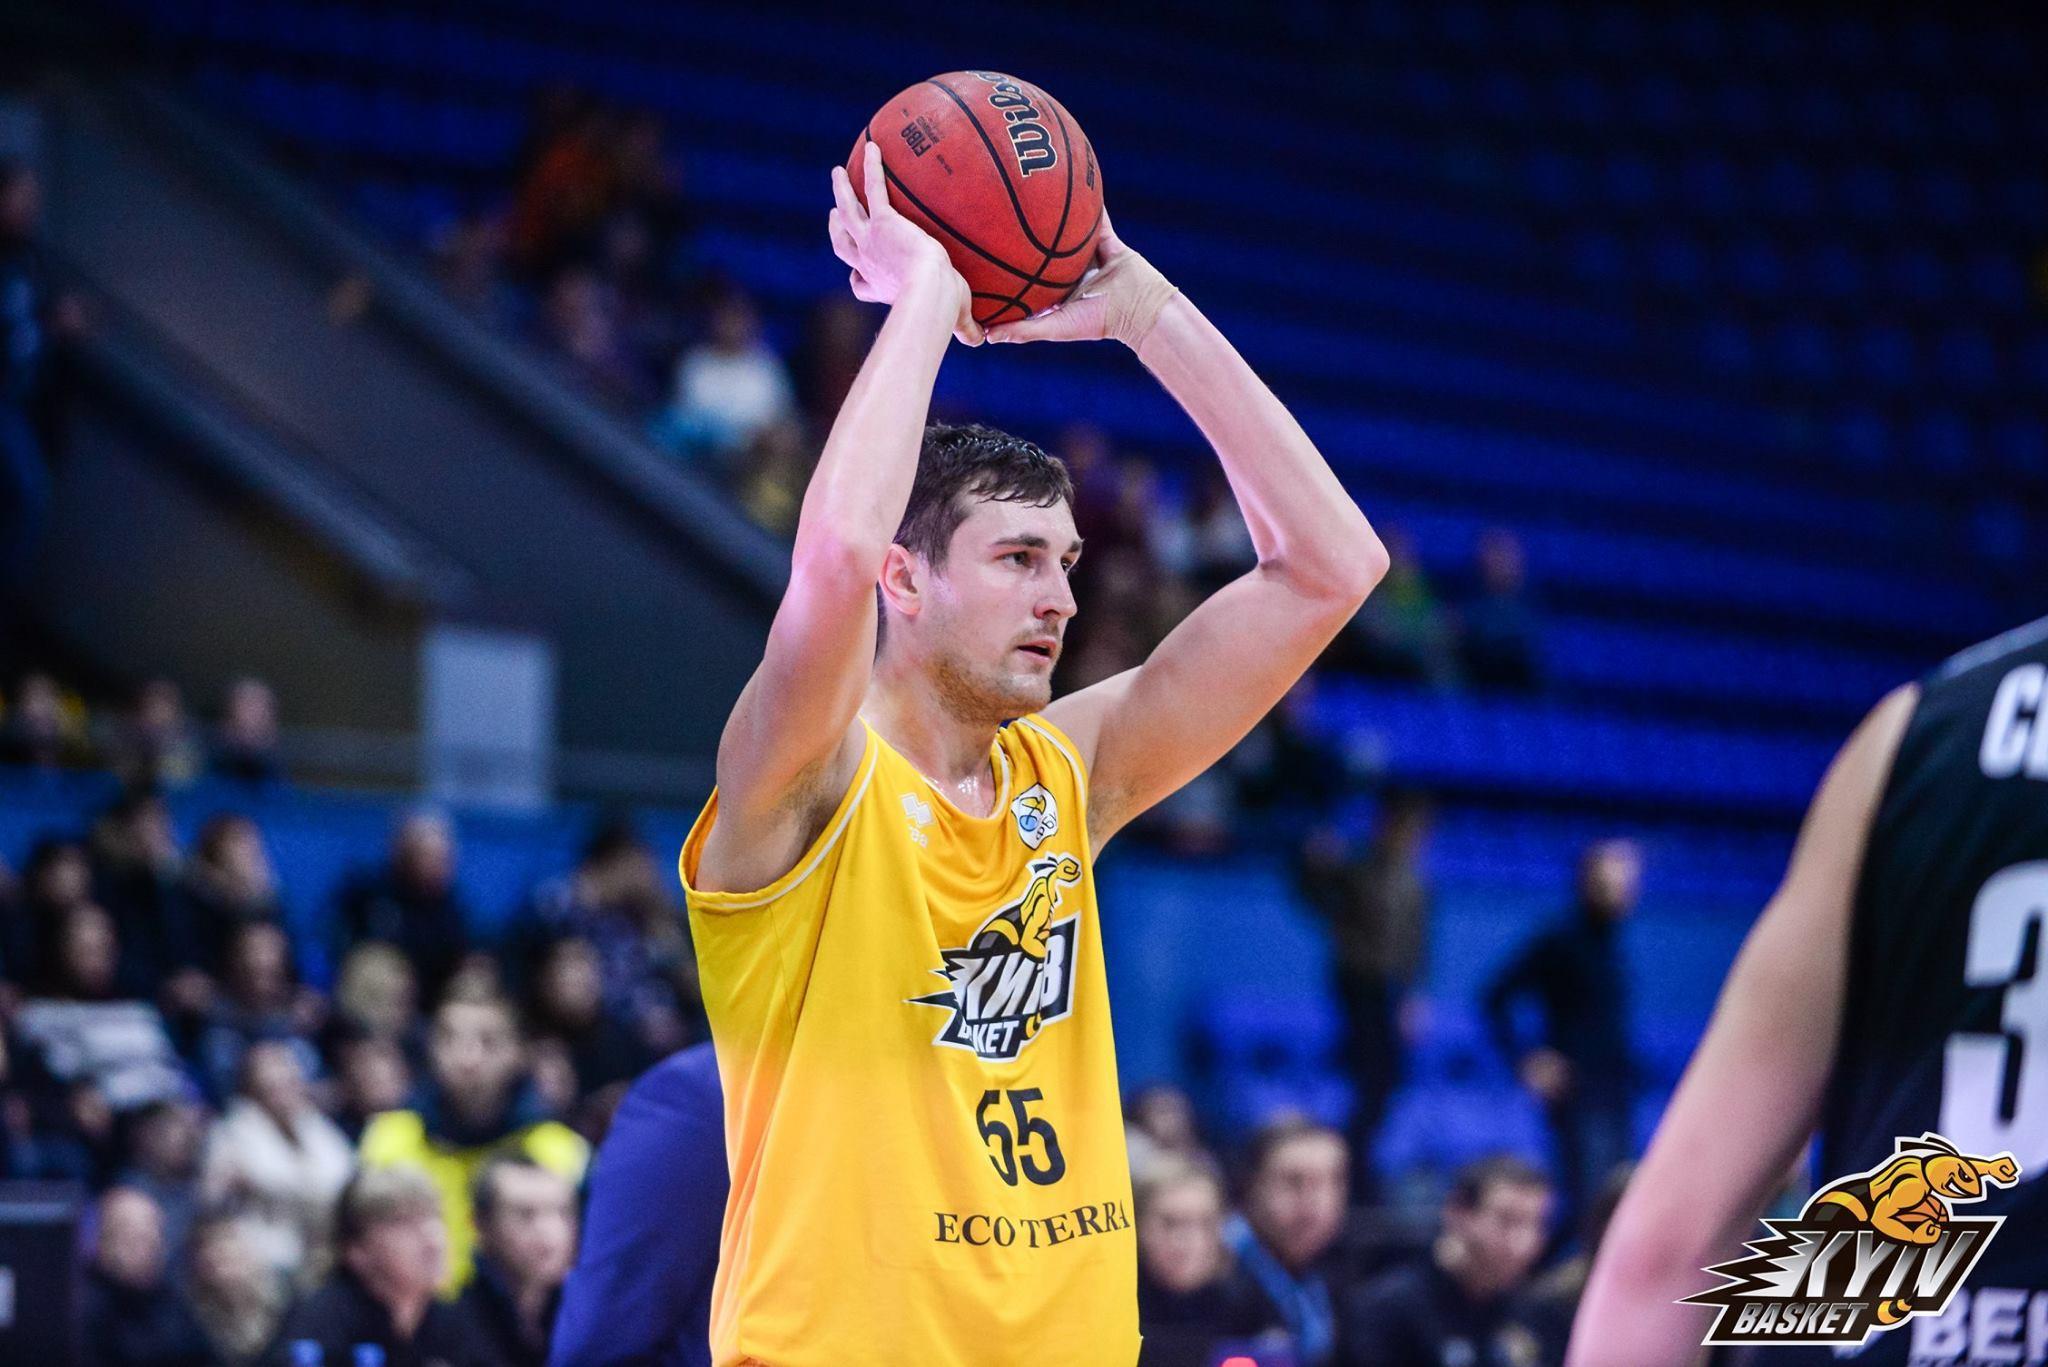 Денис Носков продовжить кар'єру в Одесі